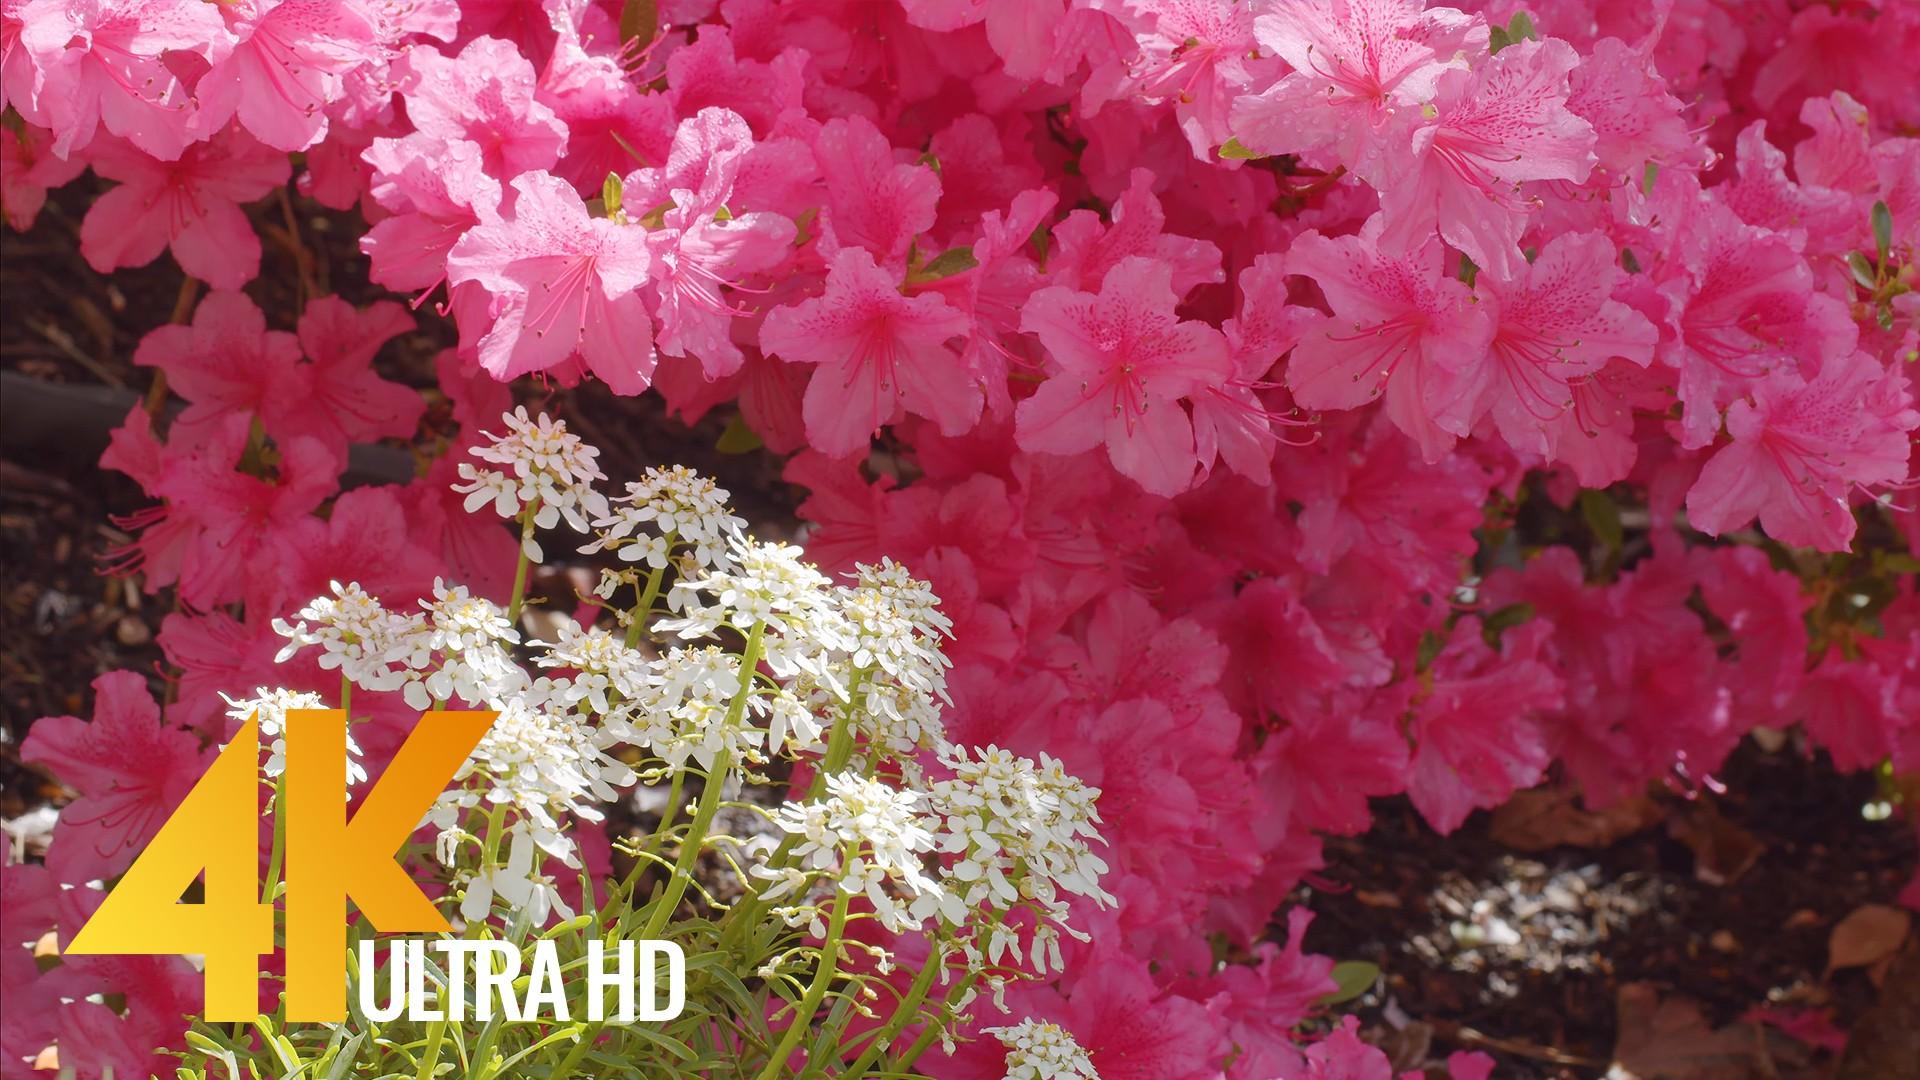 Summer day in a beautiful flower garden Short Preview